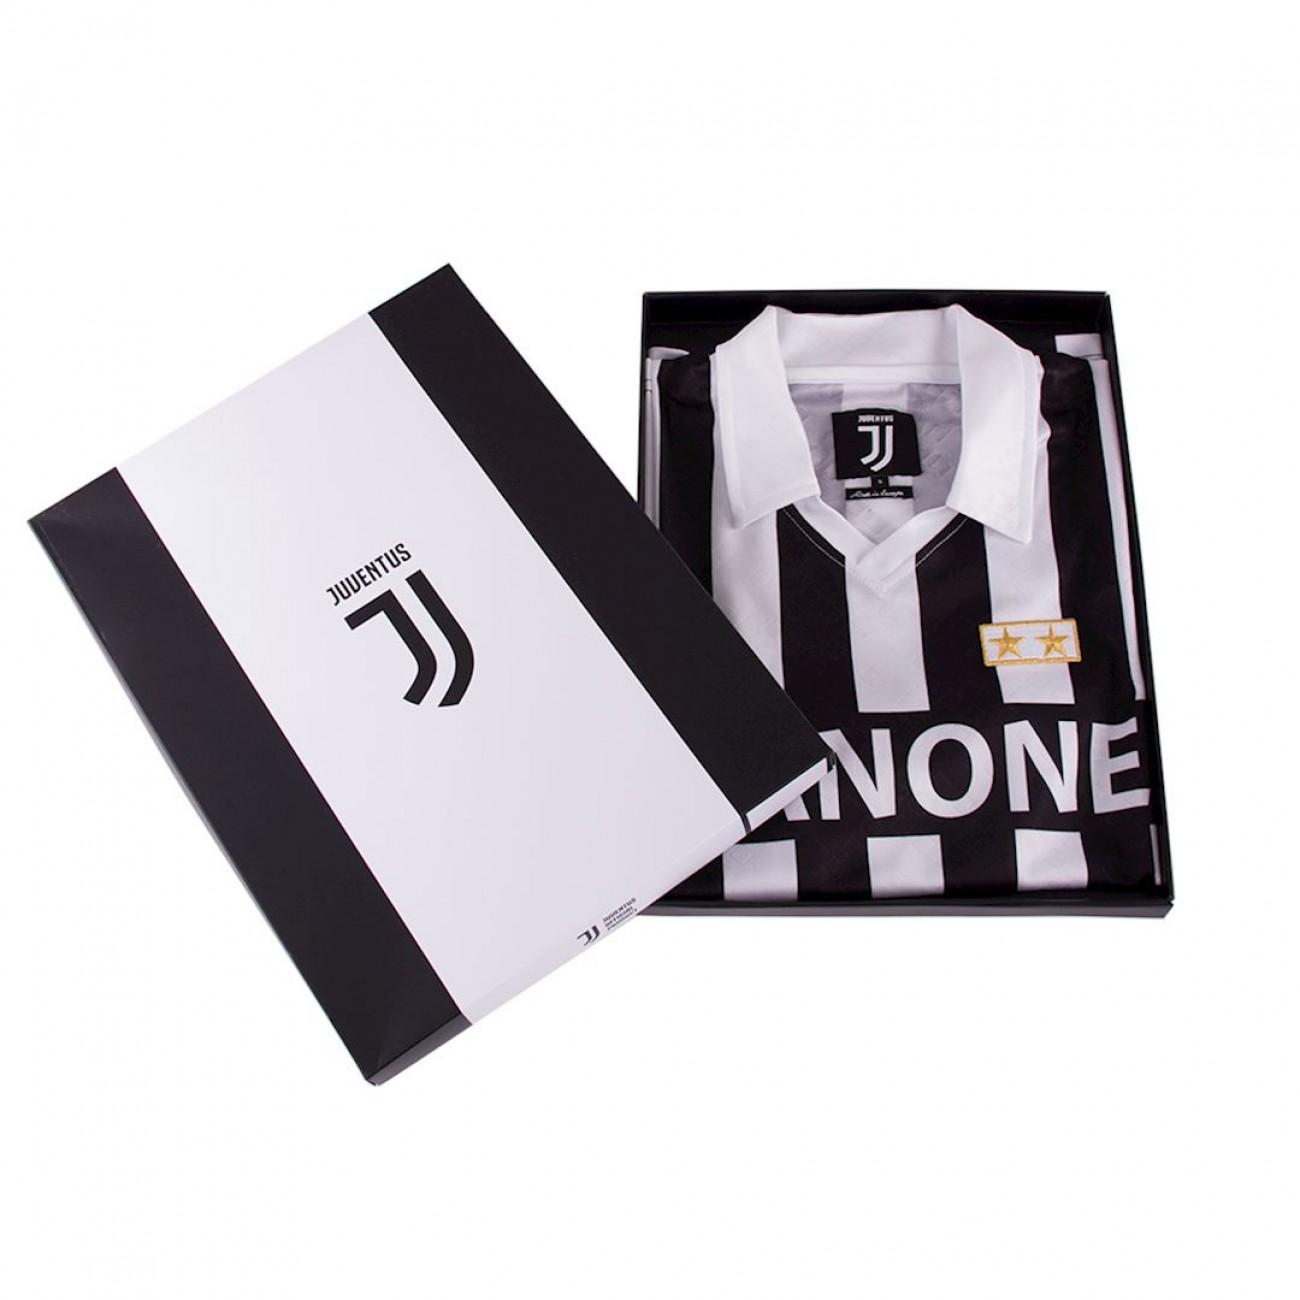 16e82f541 Camiseta Antigua Oficial Juventus Danone